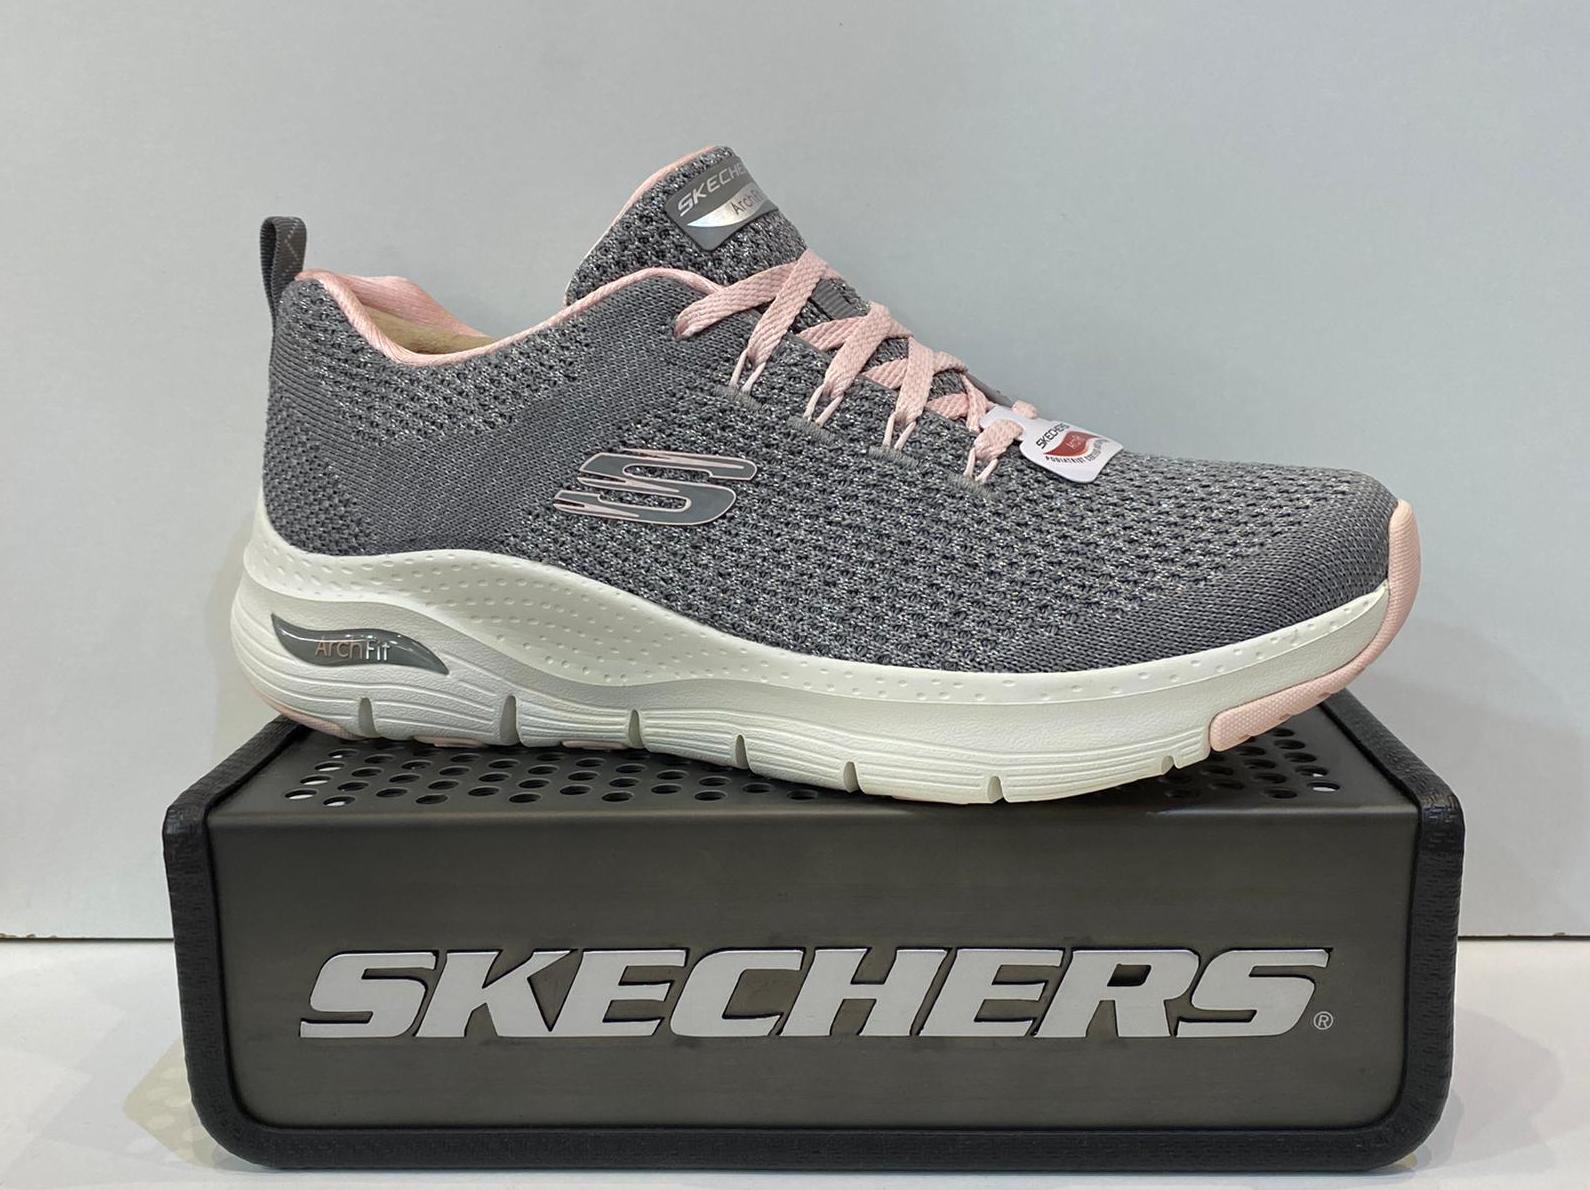 Sabata esportiva de dona, de la marca Skechers Arch Fitt, especials per a problemes de peus com, síndrome de morton, esperons, fastitis plantar. 79.95€